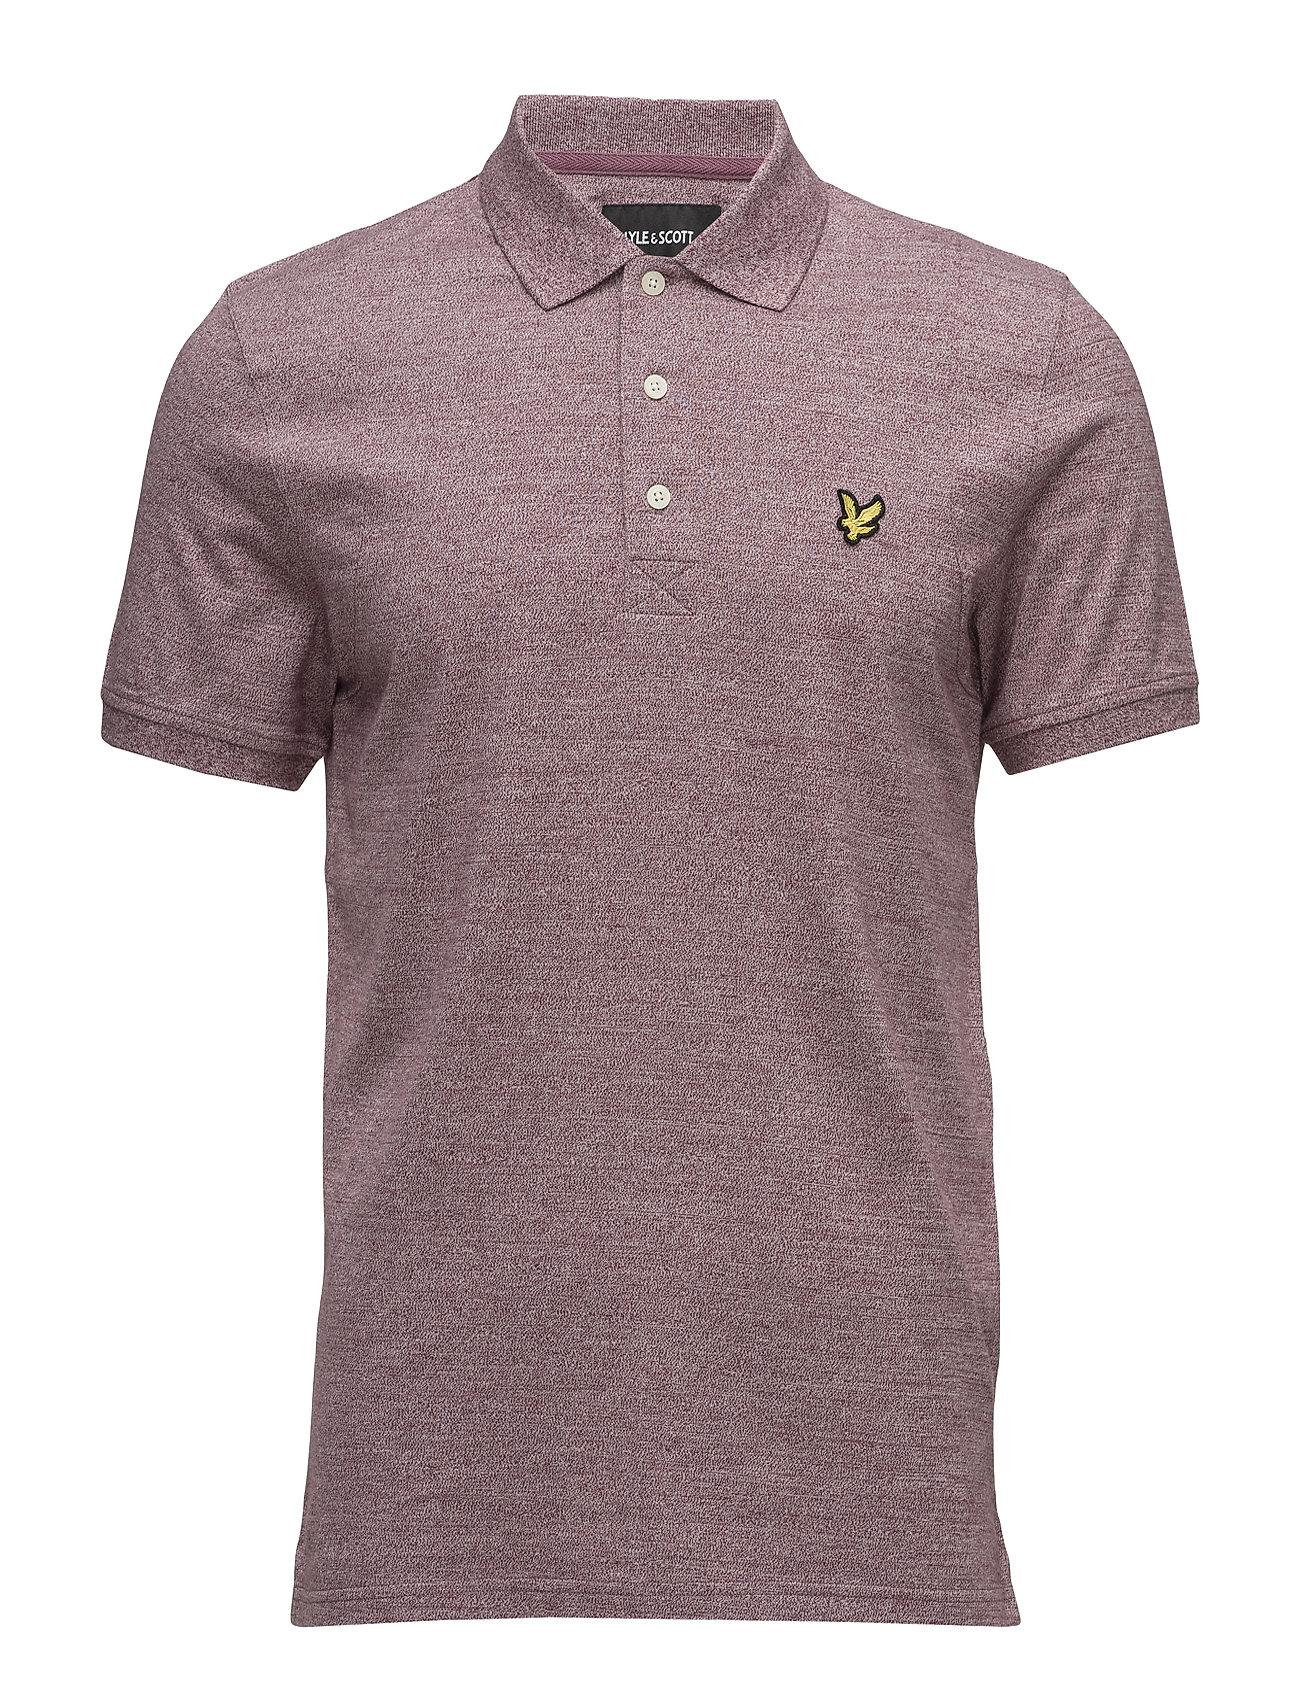 Mouline Polo Shirt Lyle & Scott Kortærmede polo t-shirts til Herrer i